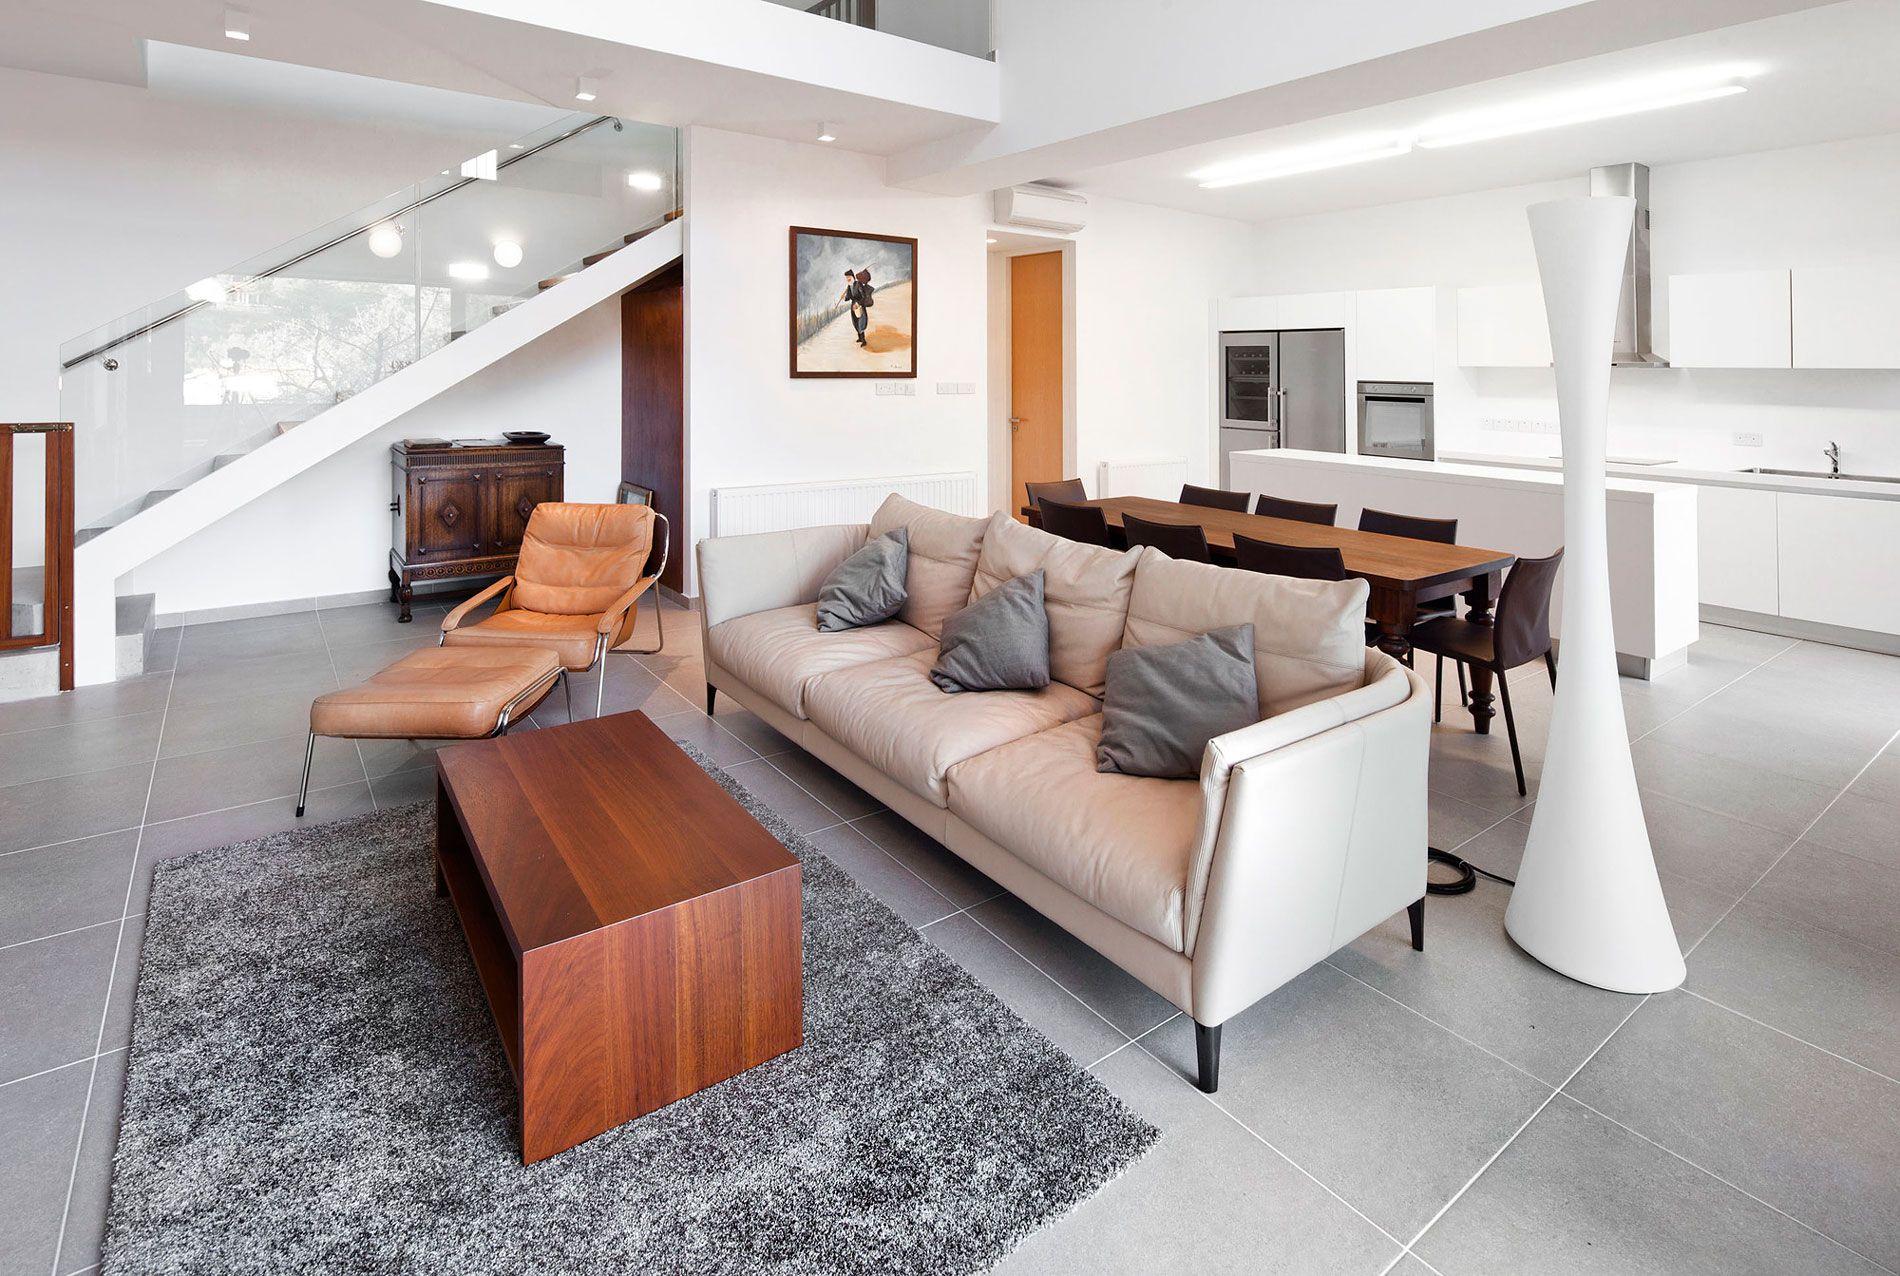 Modern Floor Tiles Design For Living Room Interesting Serafides Housevardastudio  Spaces I Love  Pinterest Design Decoration